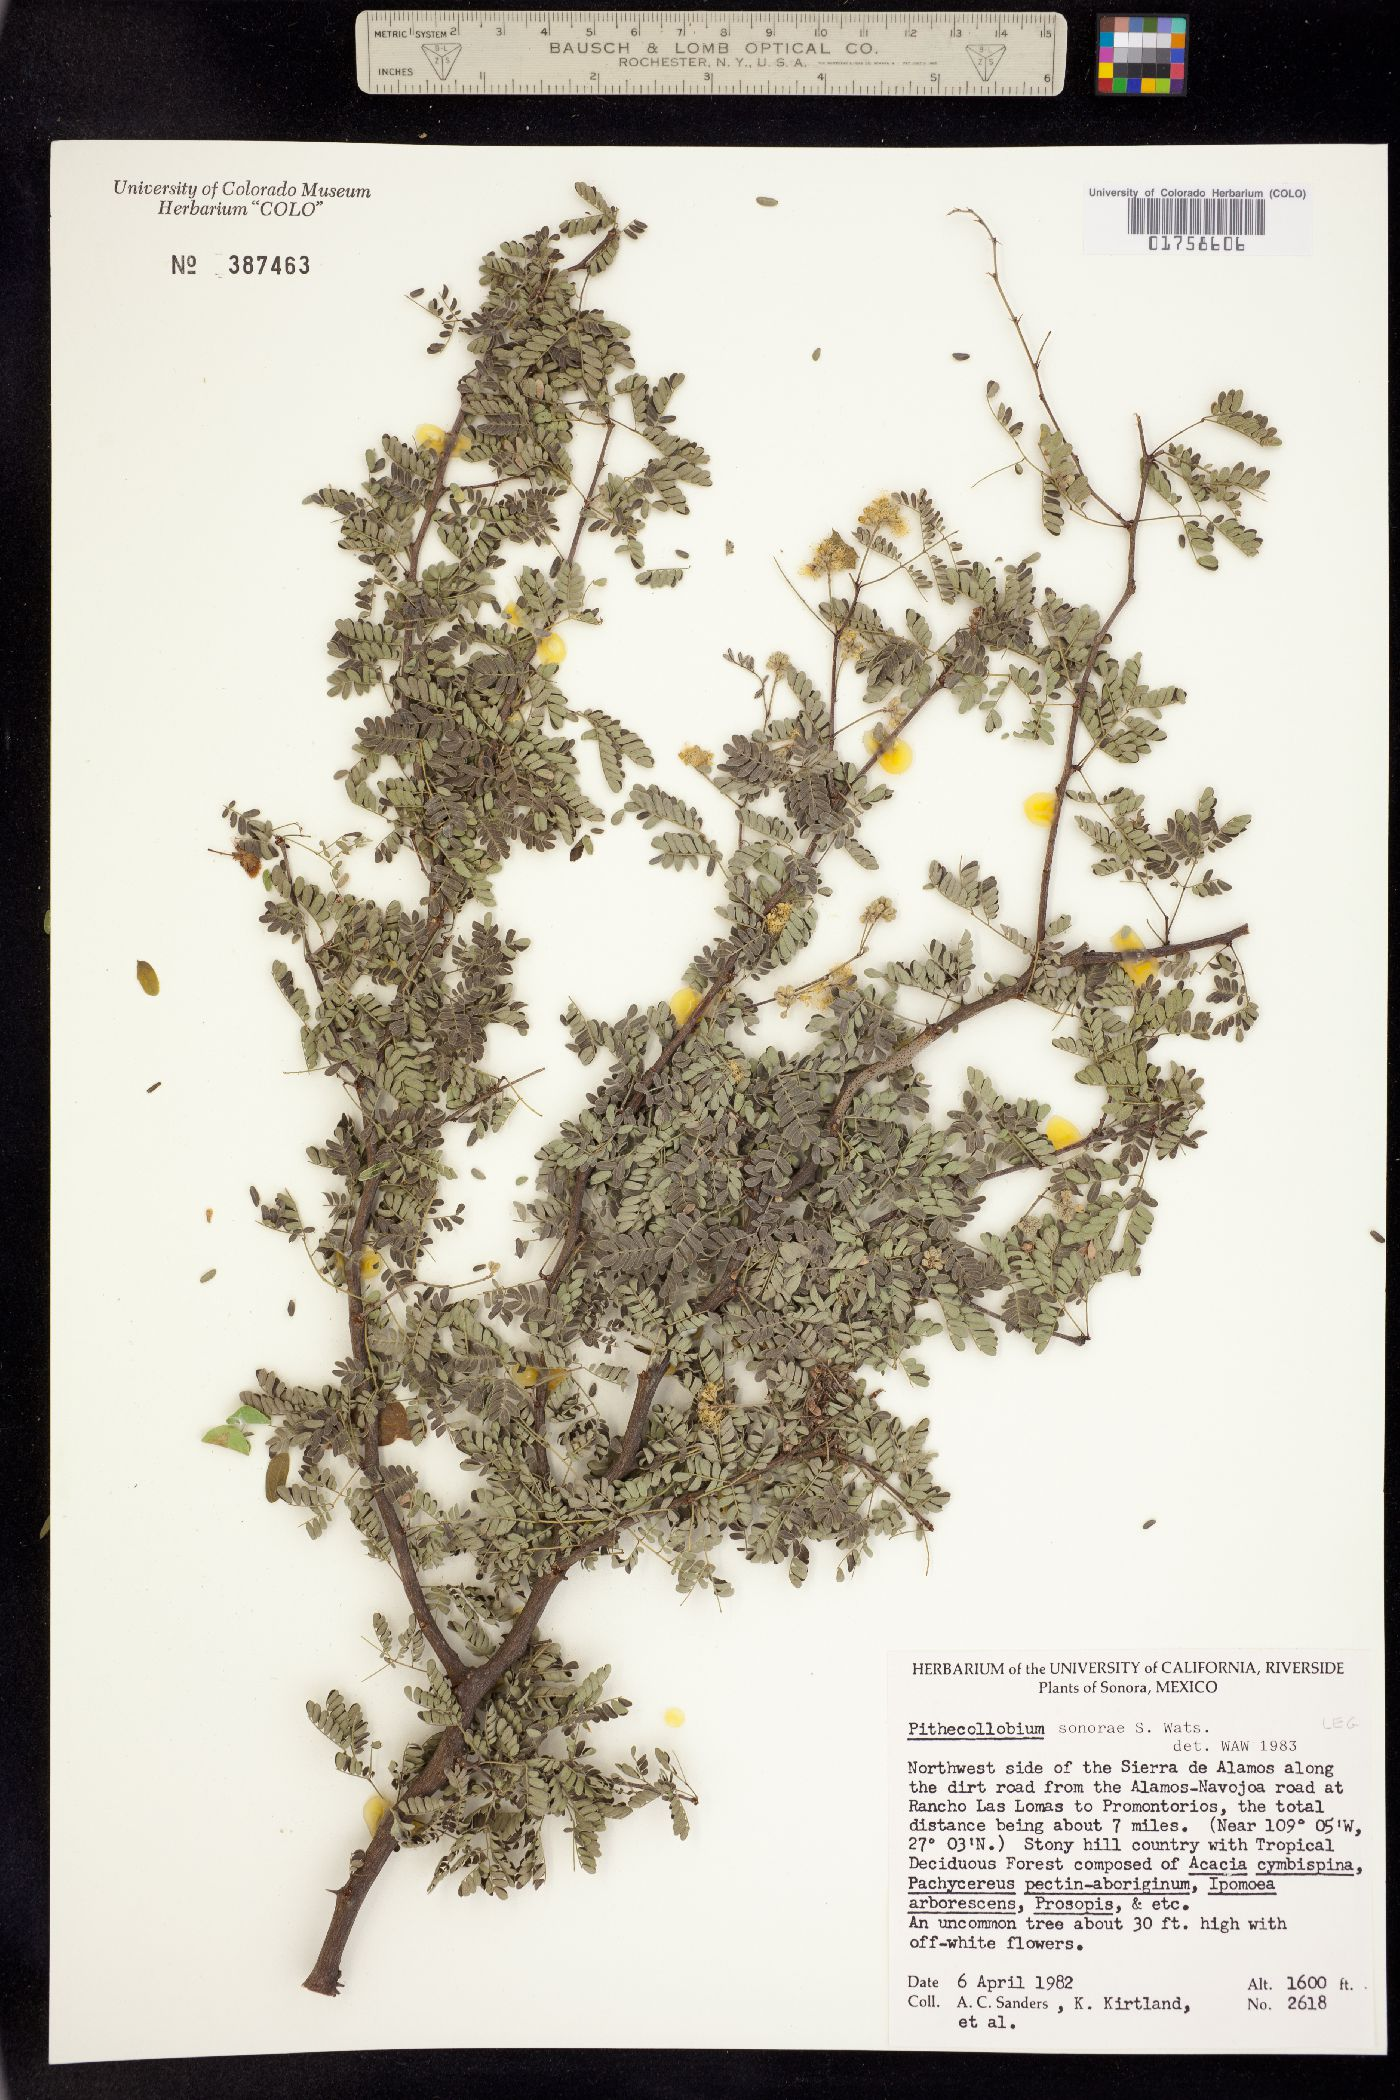 Pithecellobium unguis-cati image